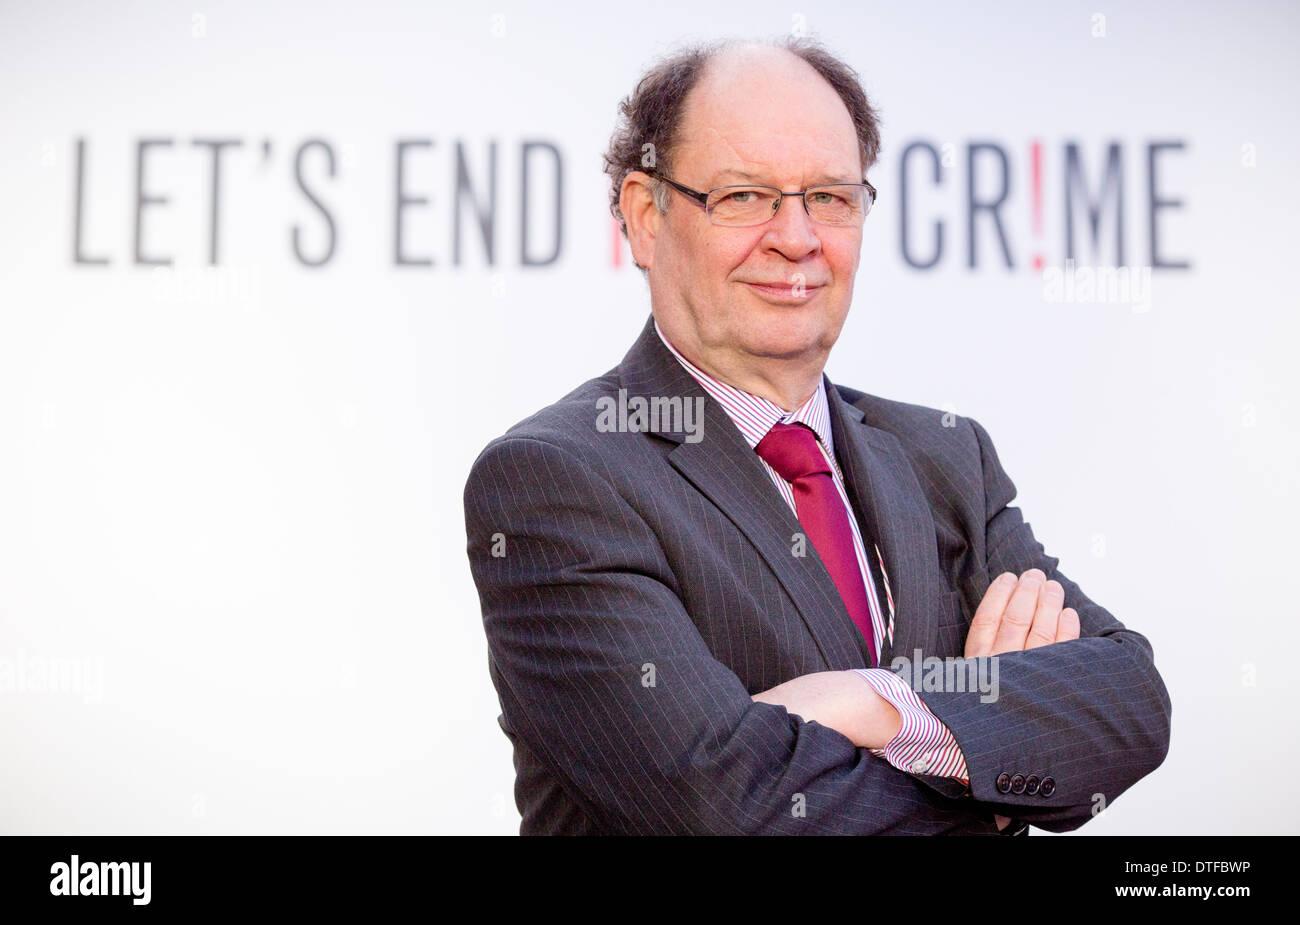 Estrategia de Manchester, crimen de odio en Manchester Town Hall Councillor Jim batalla Imagen De Stock